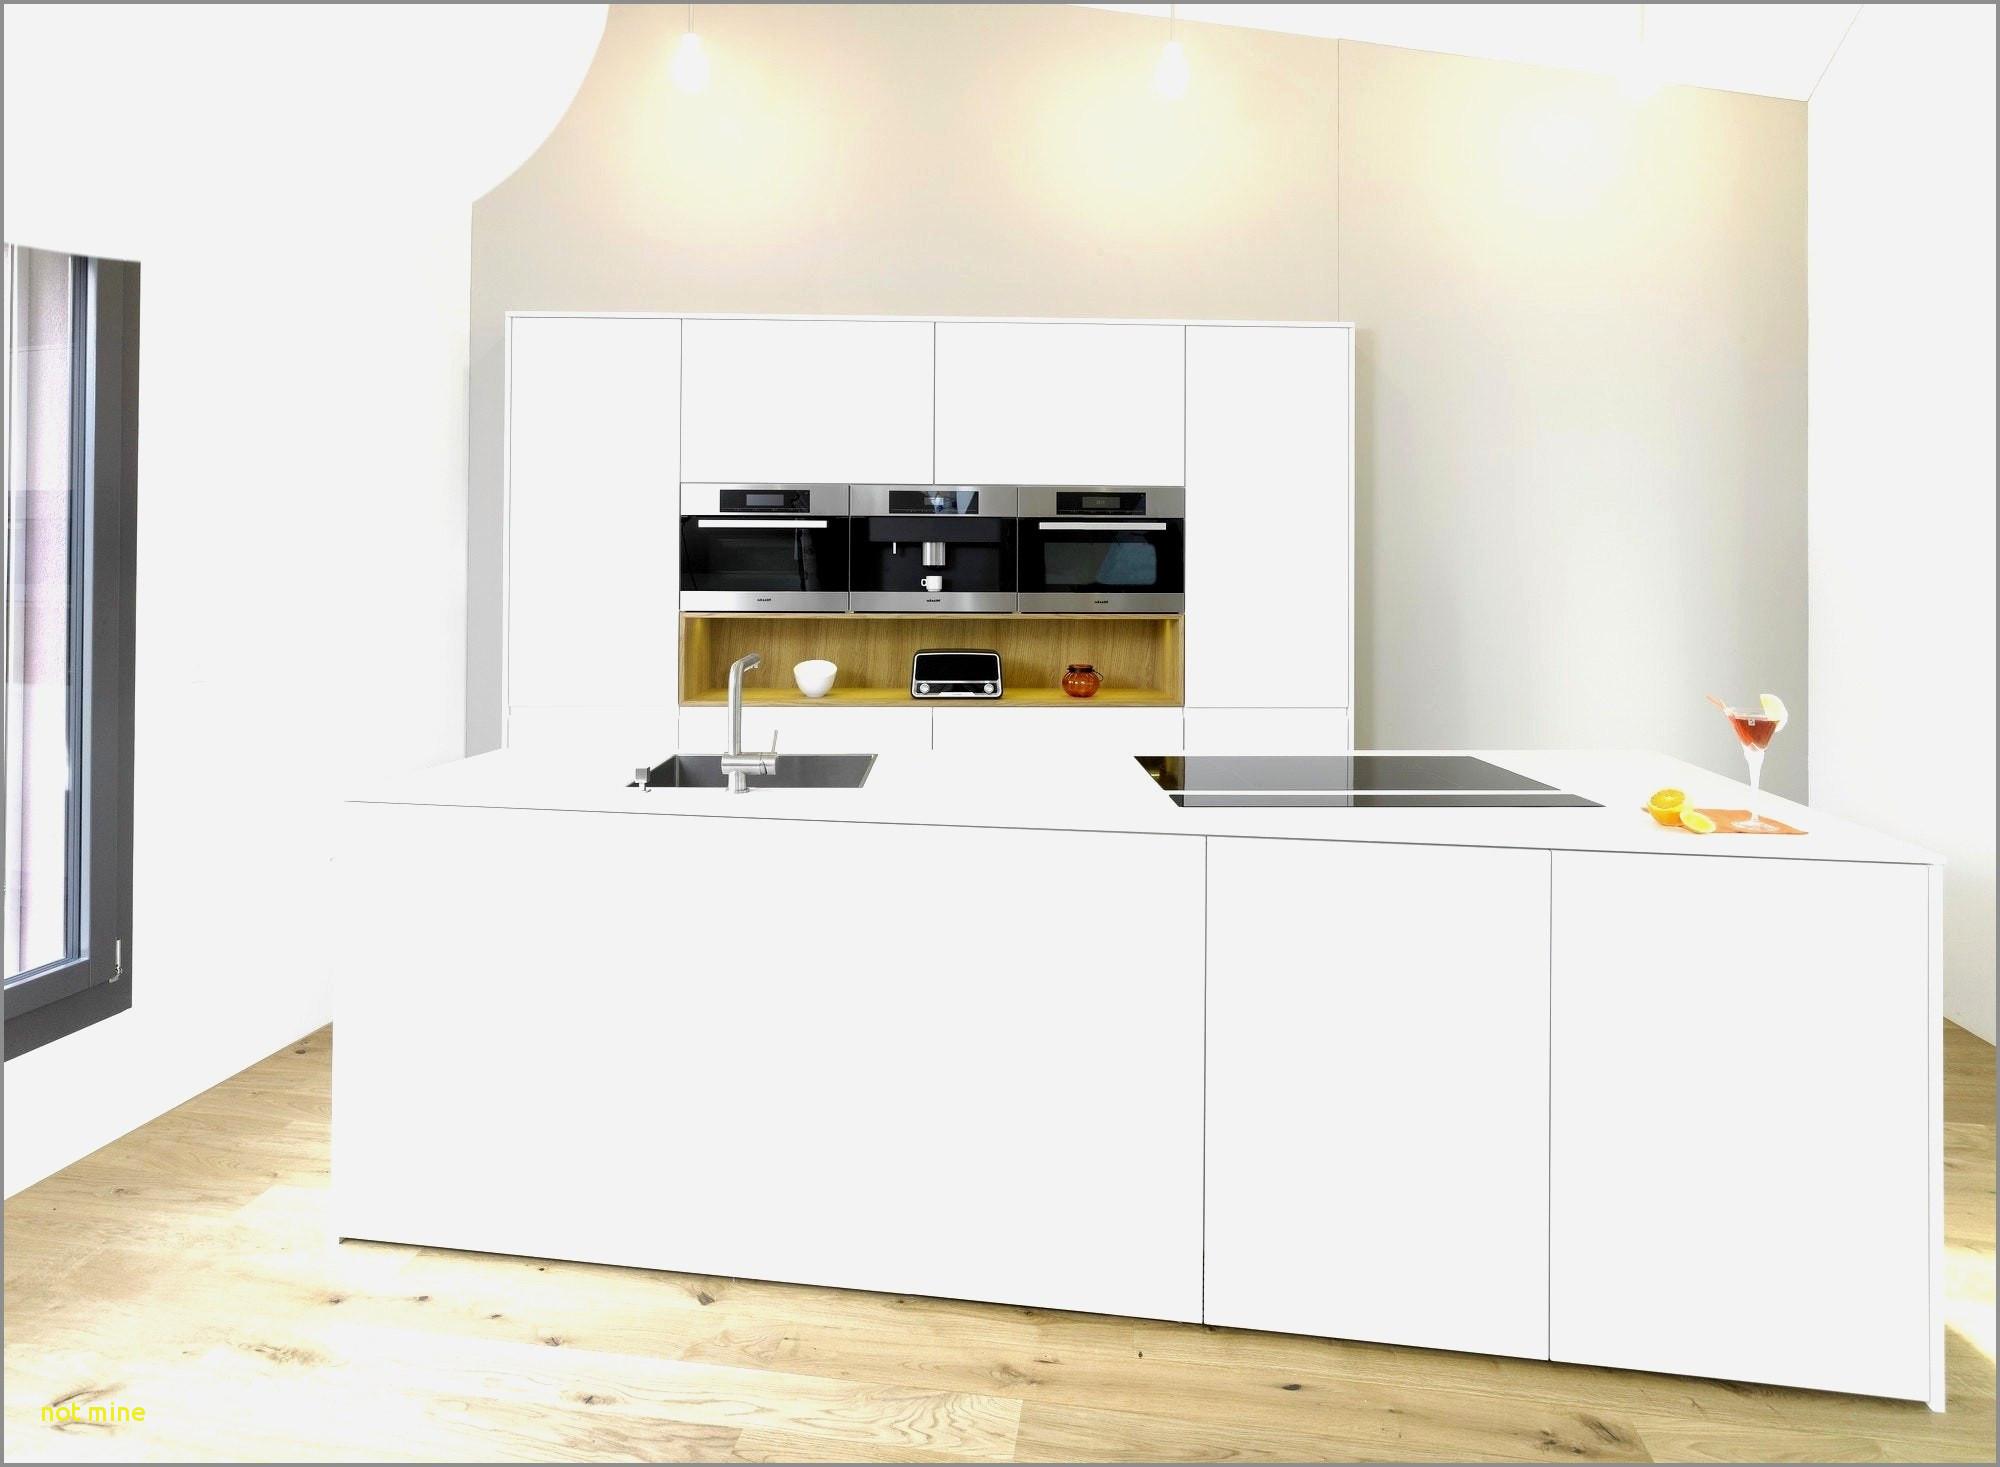 ideen wand streichen wohnzimmer einzigartig atemberaubend wande kuche ideen wand streichen wohnzimmer einzigartig plus traditionell kuche 80er 0d of